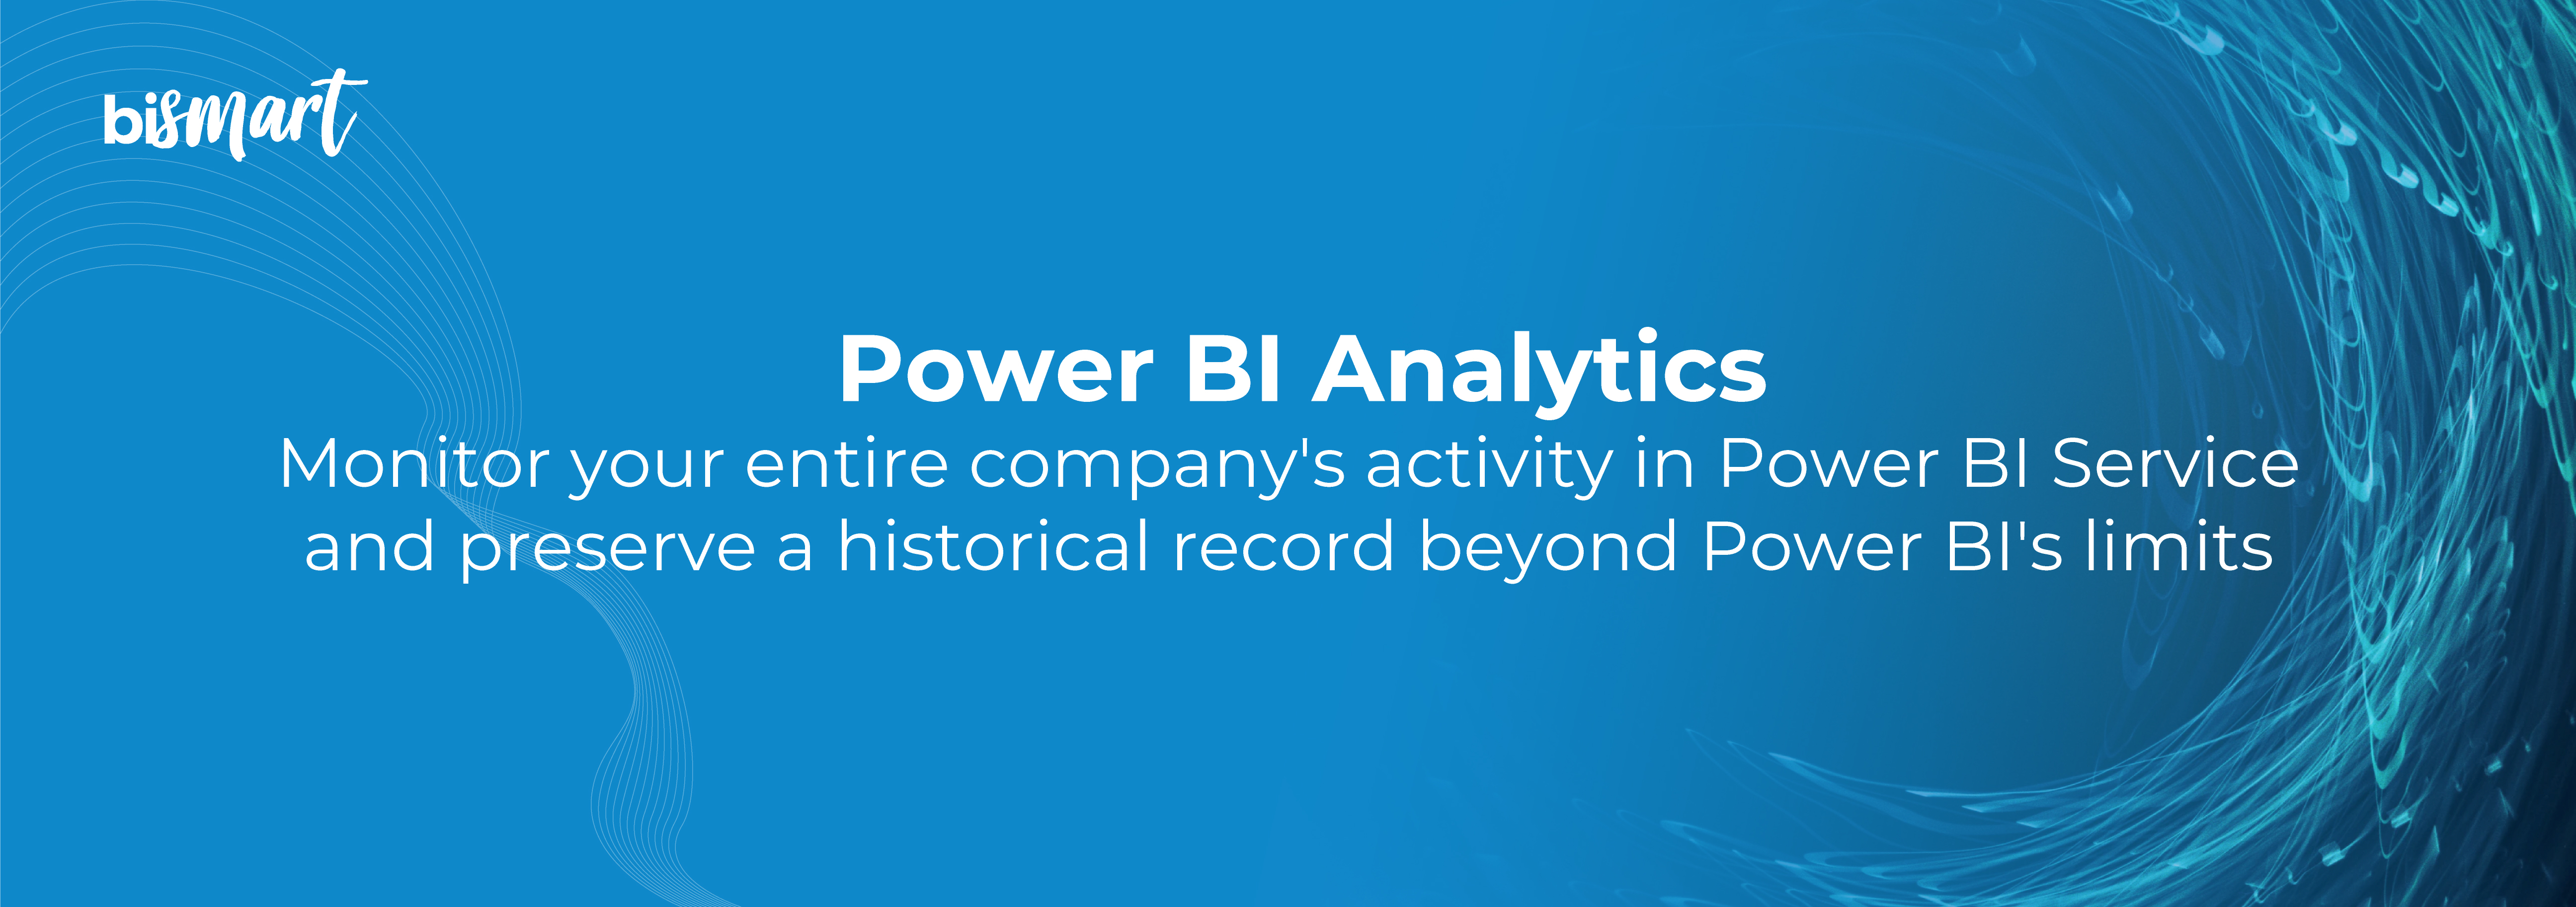 PowerBI-Analytics-EN-01